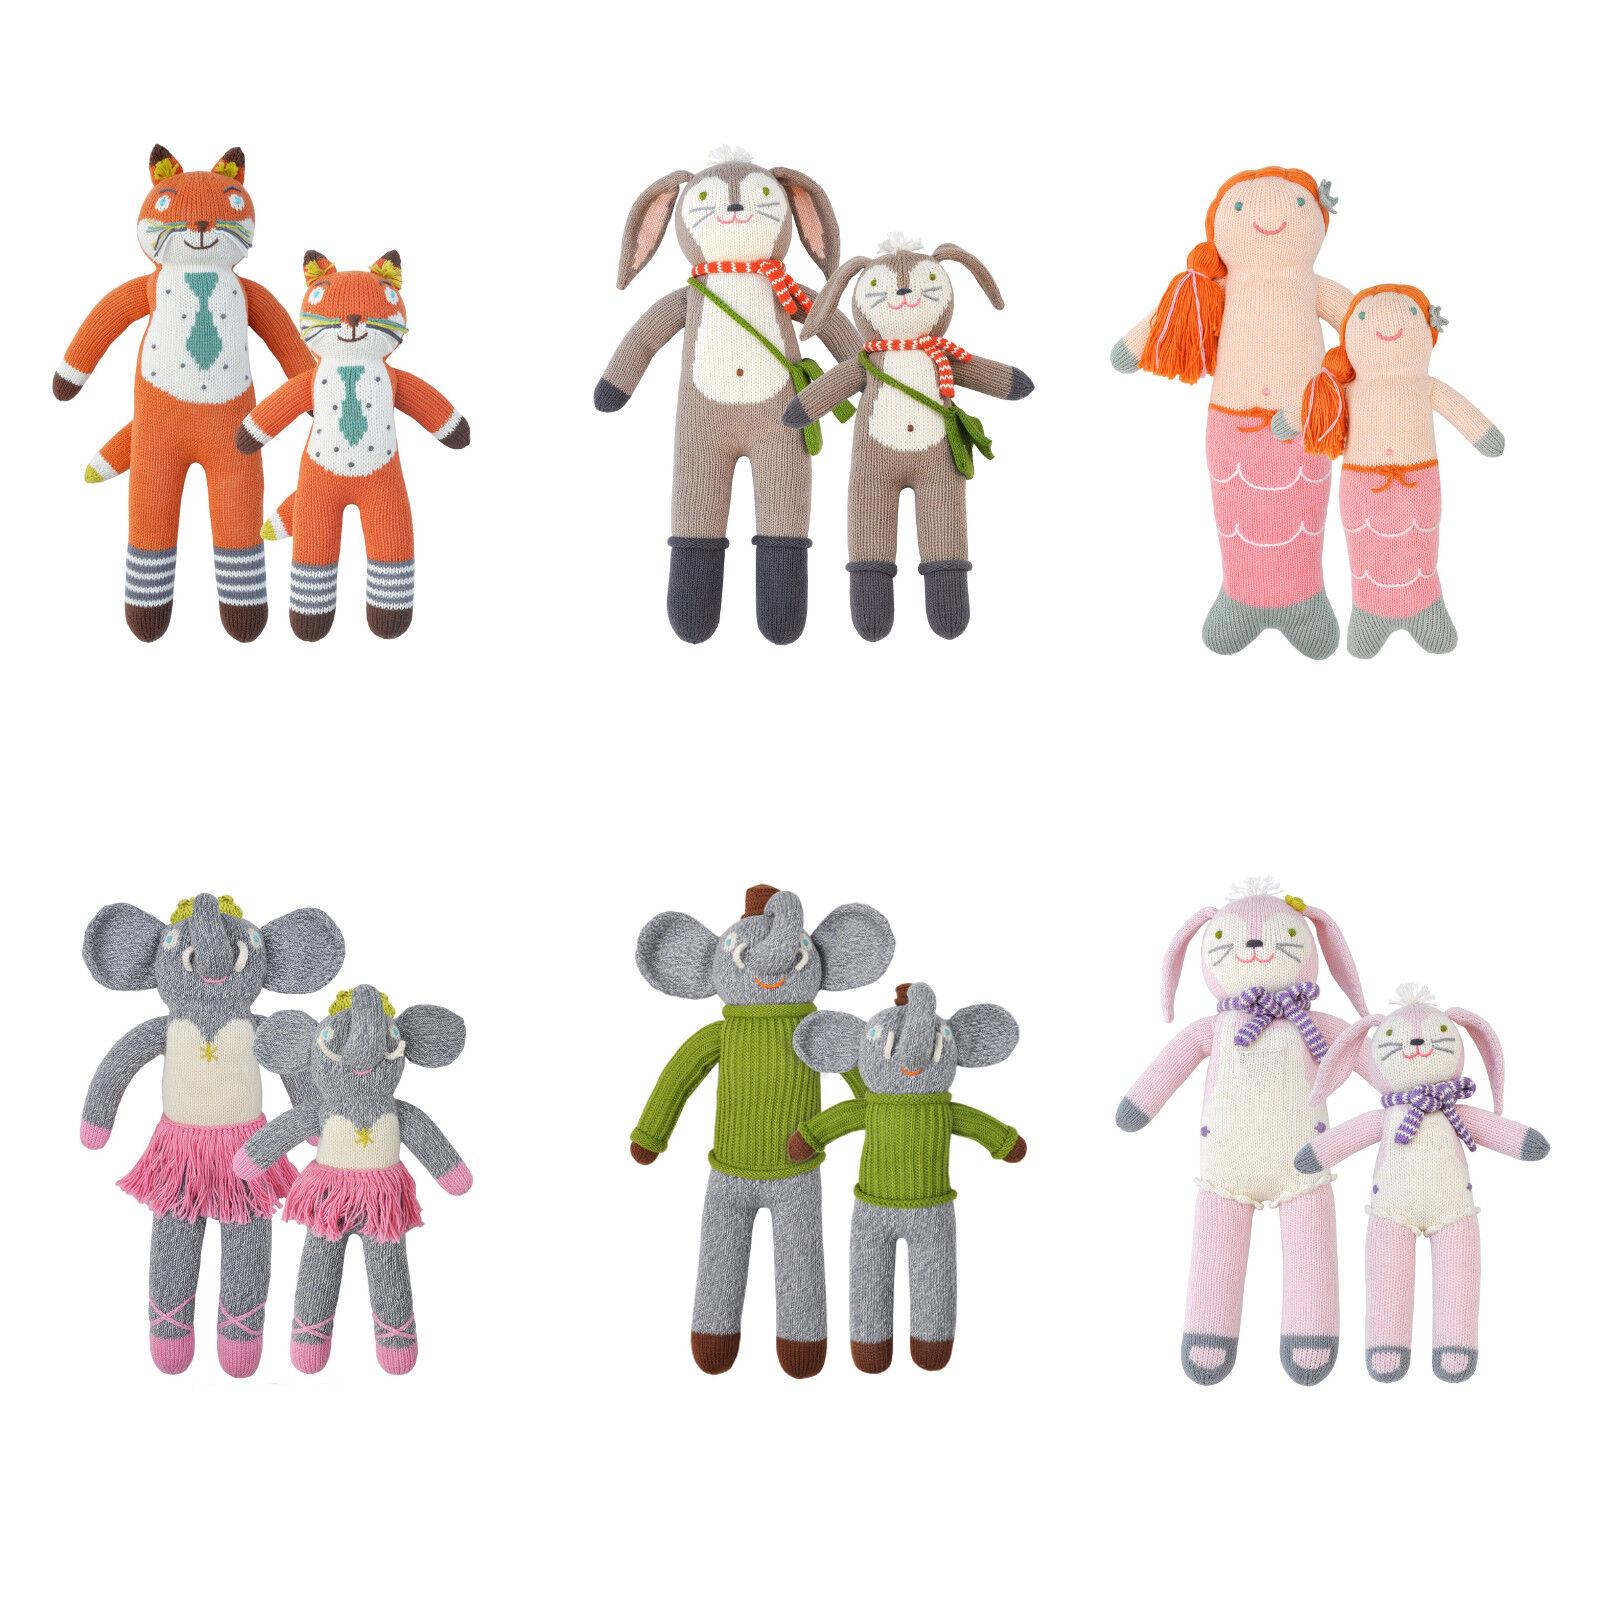 Bla Bla bambini giocattolo morbido bambola fatta a mano a maglia da collezione Vintage Classic Cotone